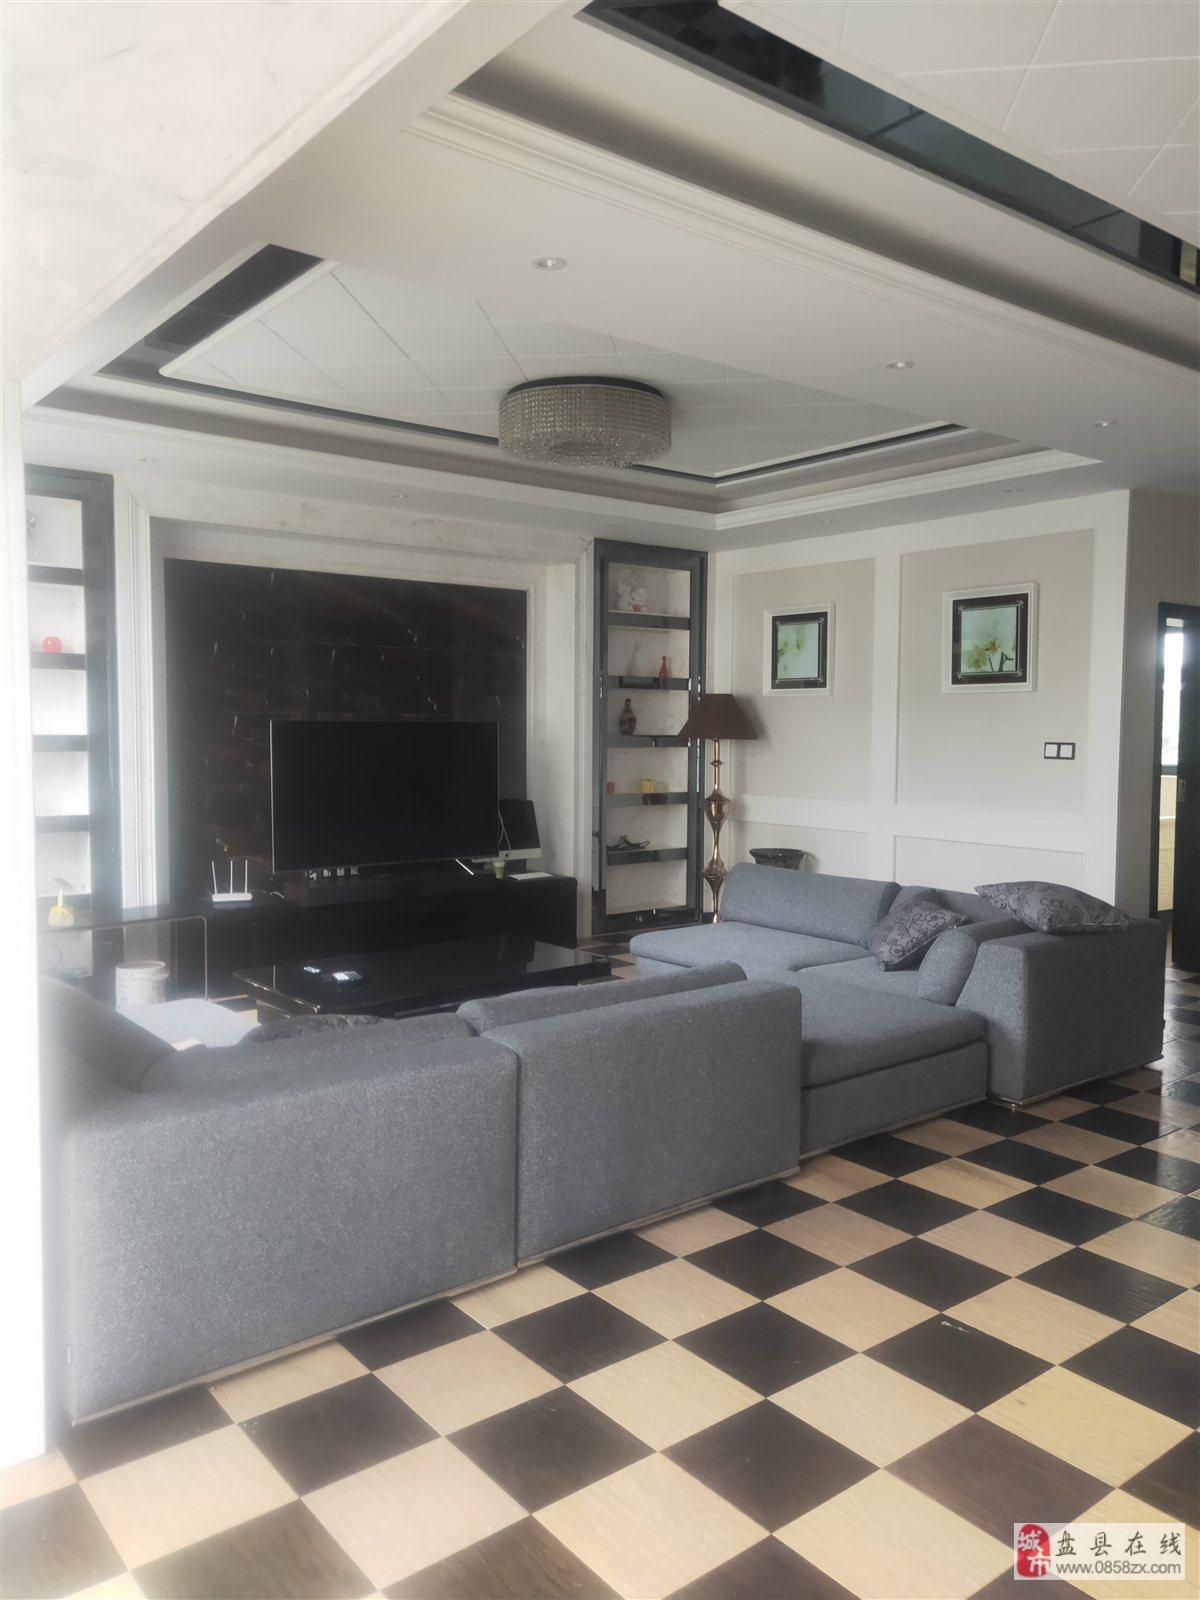 翰林苑4室 2厅 3卫92万元